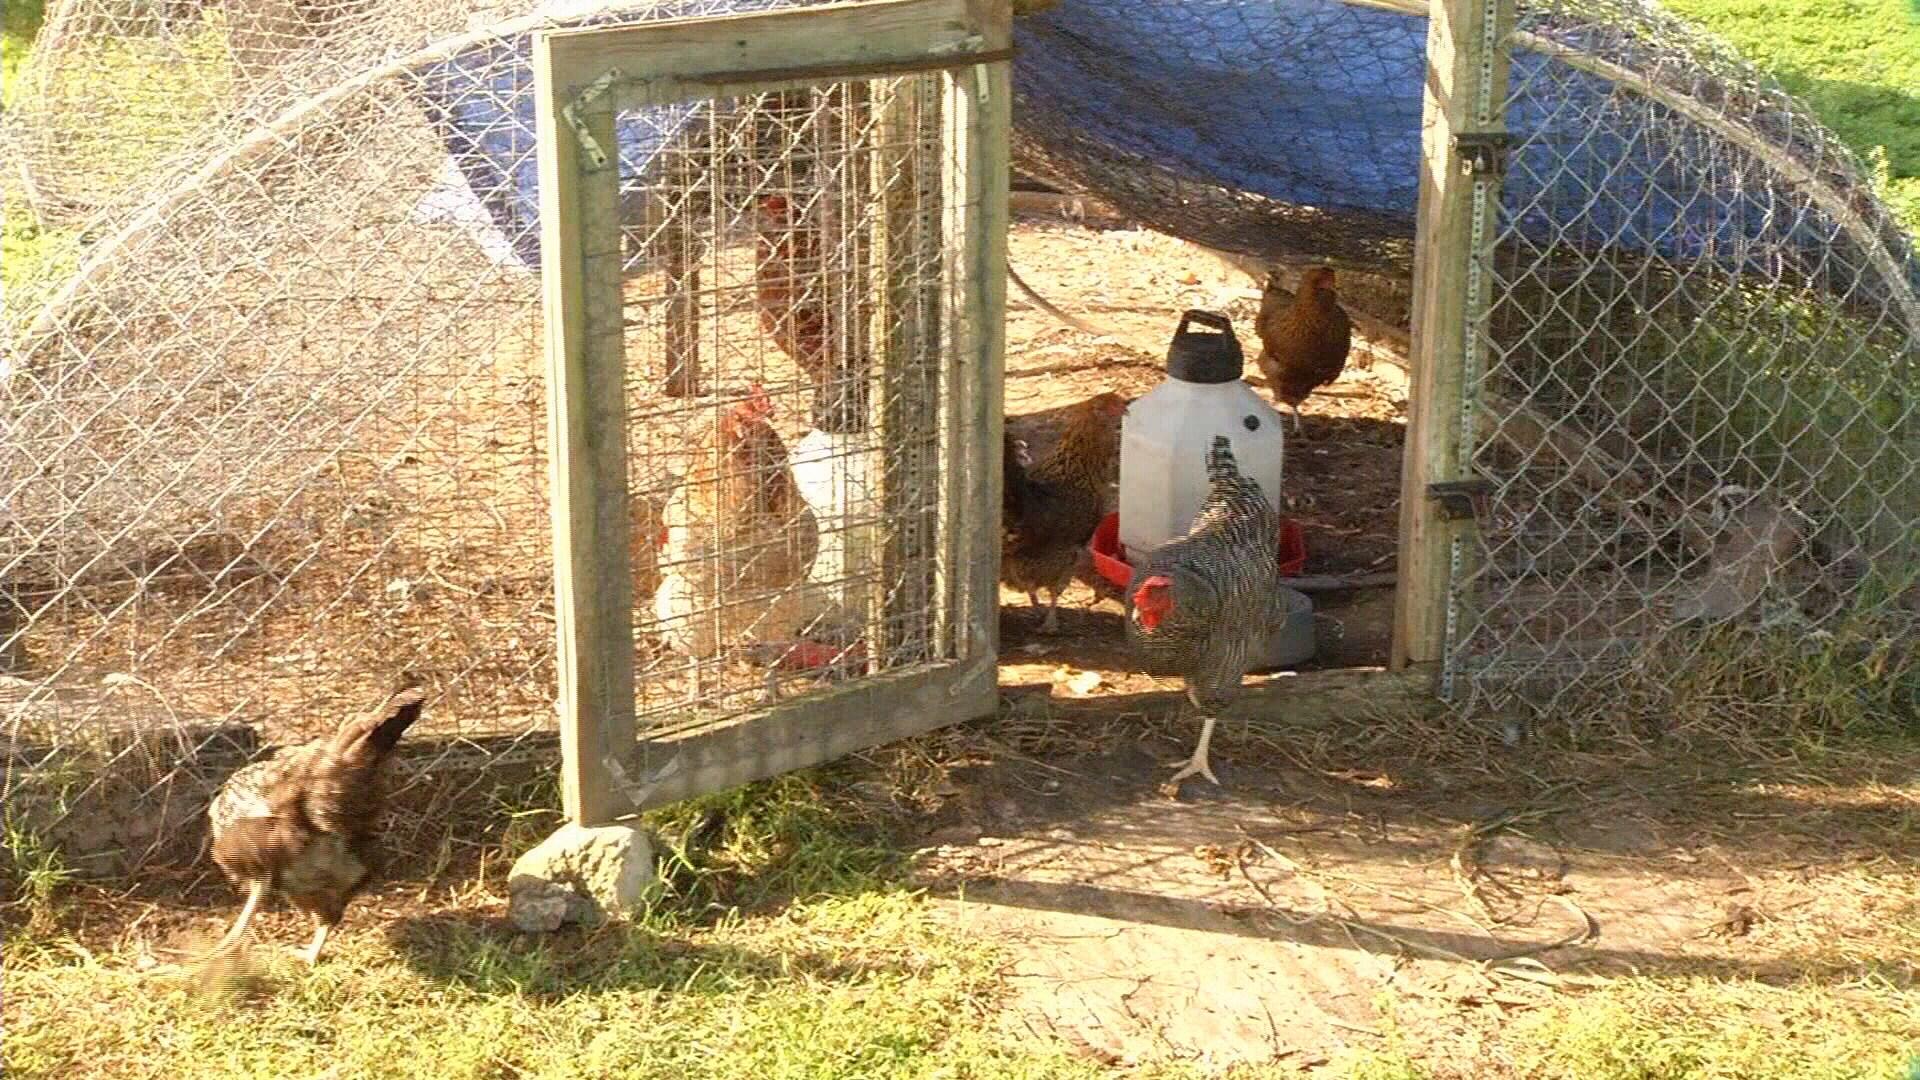 backyard poultry production workshop kristv com continuous